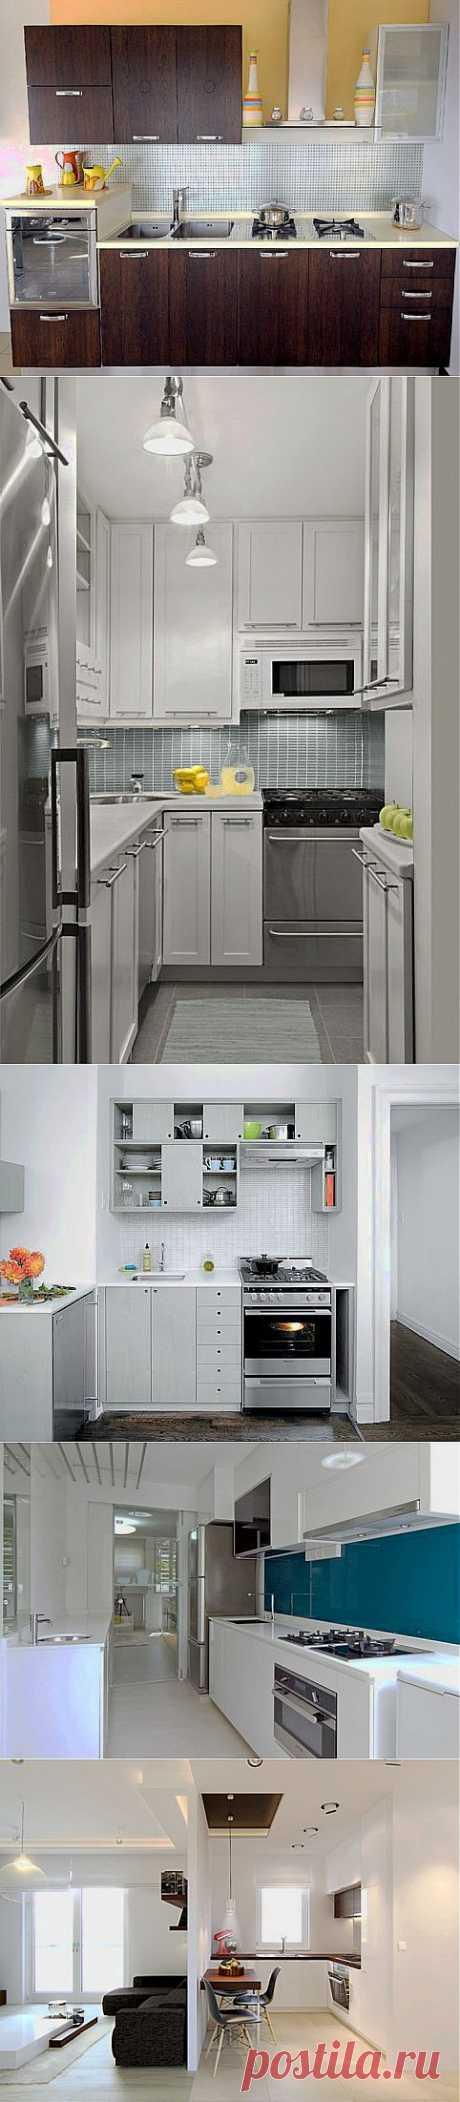 (+1) тема - Удобный дизайн кухни 6 кв. м | МОЙ ДОМ